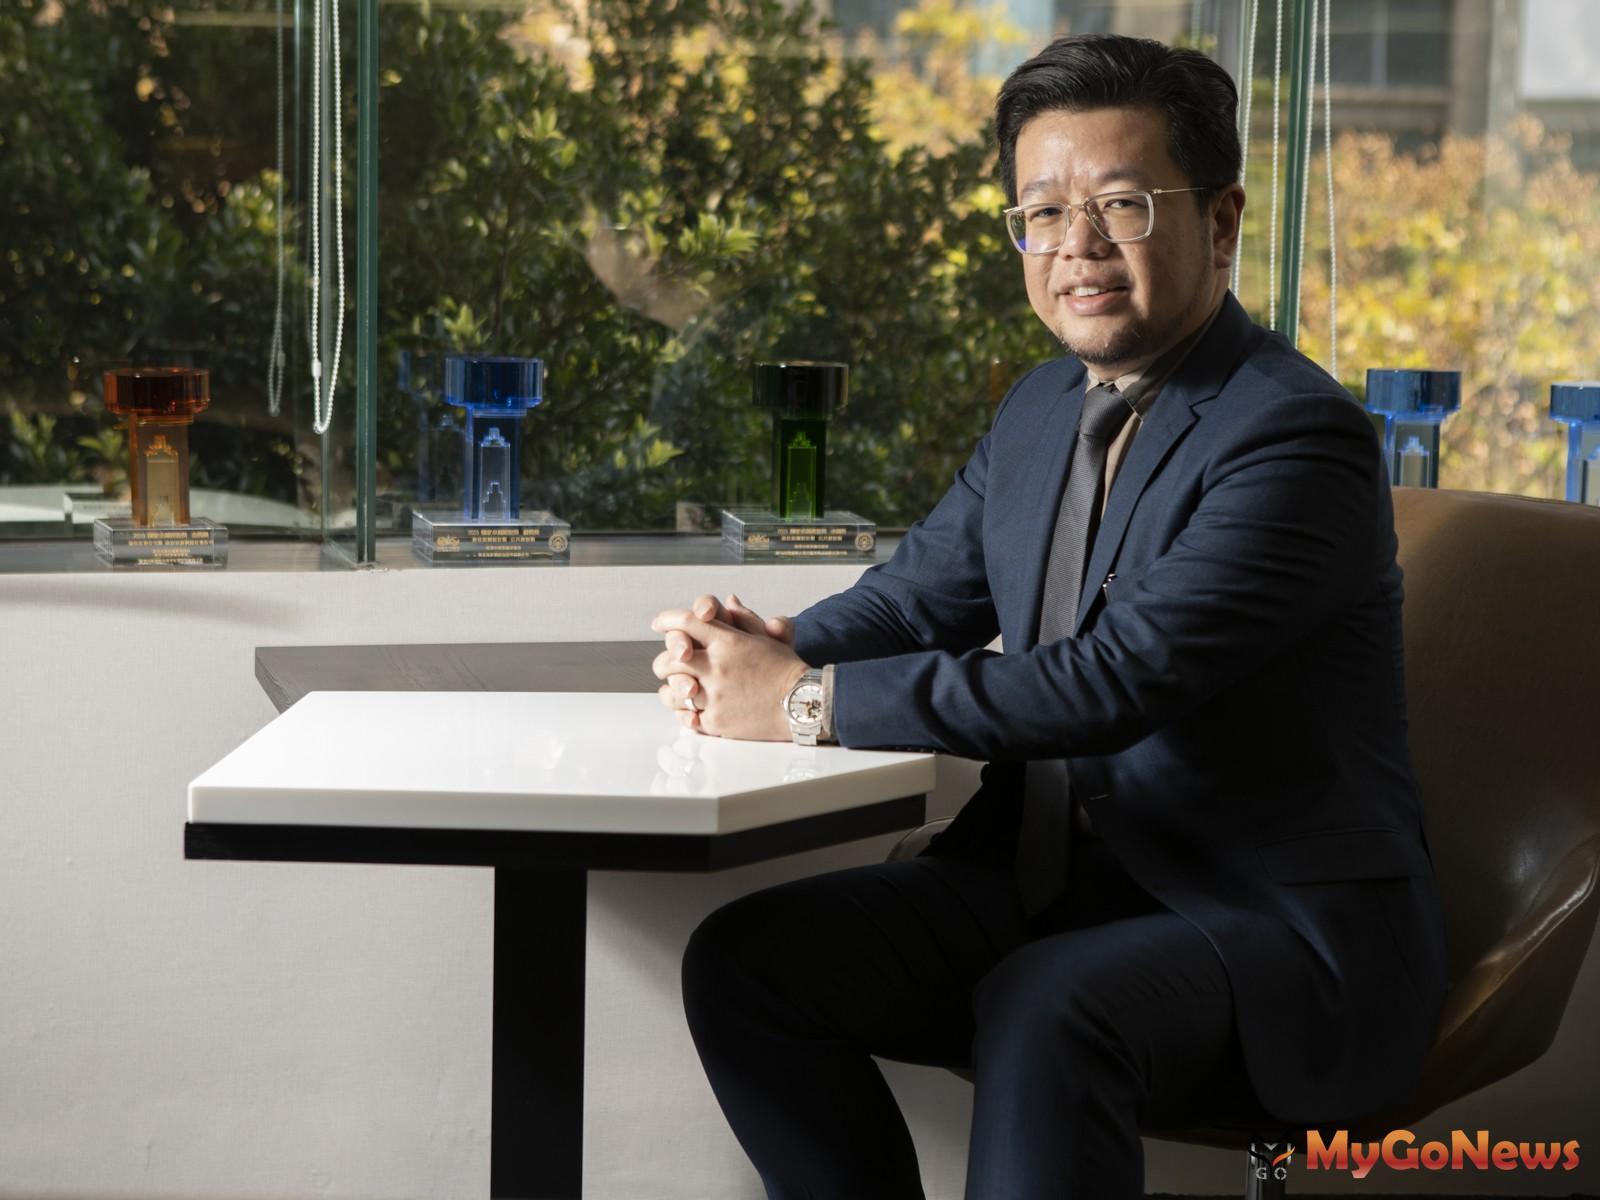 專訪上仁開發建設總經理—陳聖中,在最有生命力的場域,打造三重「一品苑」最佳建築 MyGoNews房地產新聞 專題報導